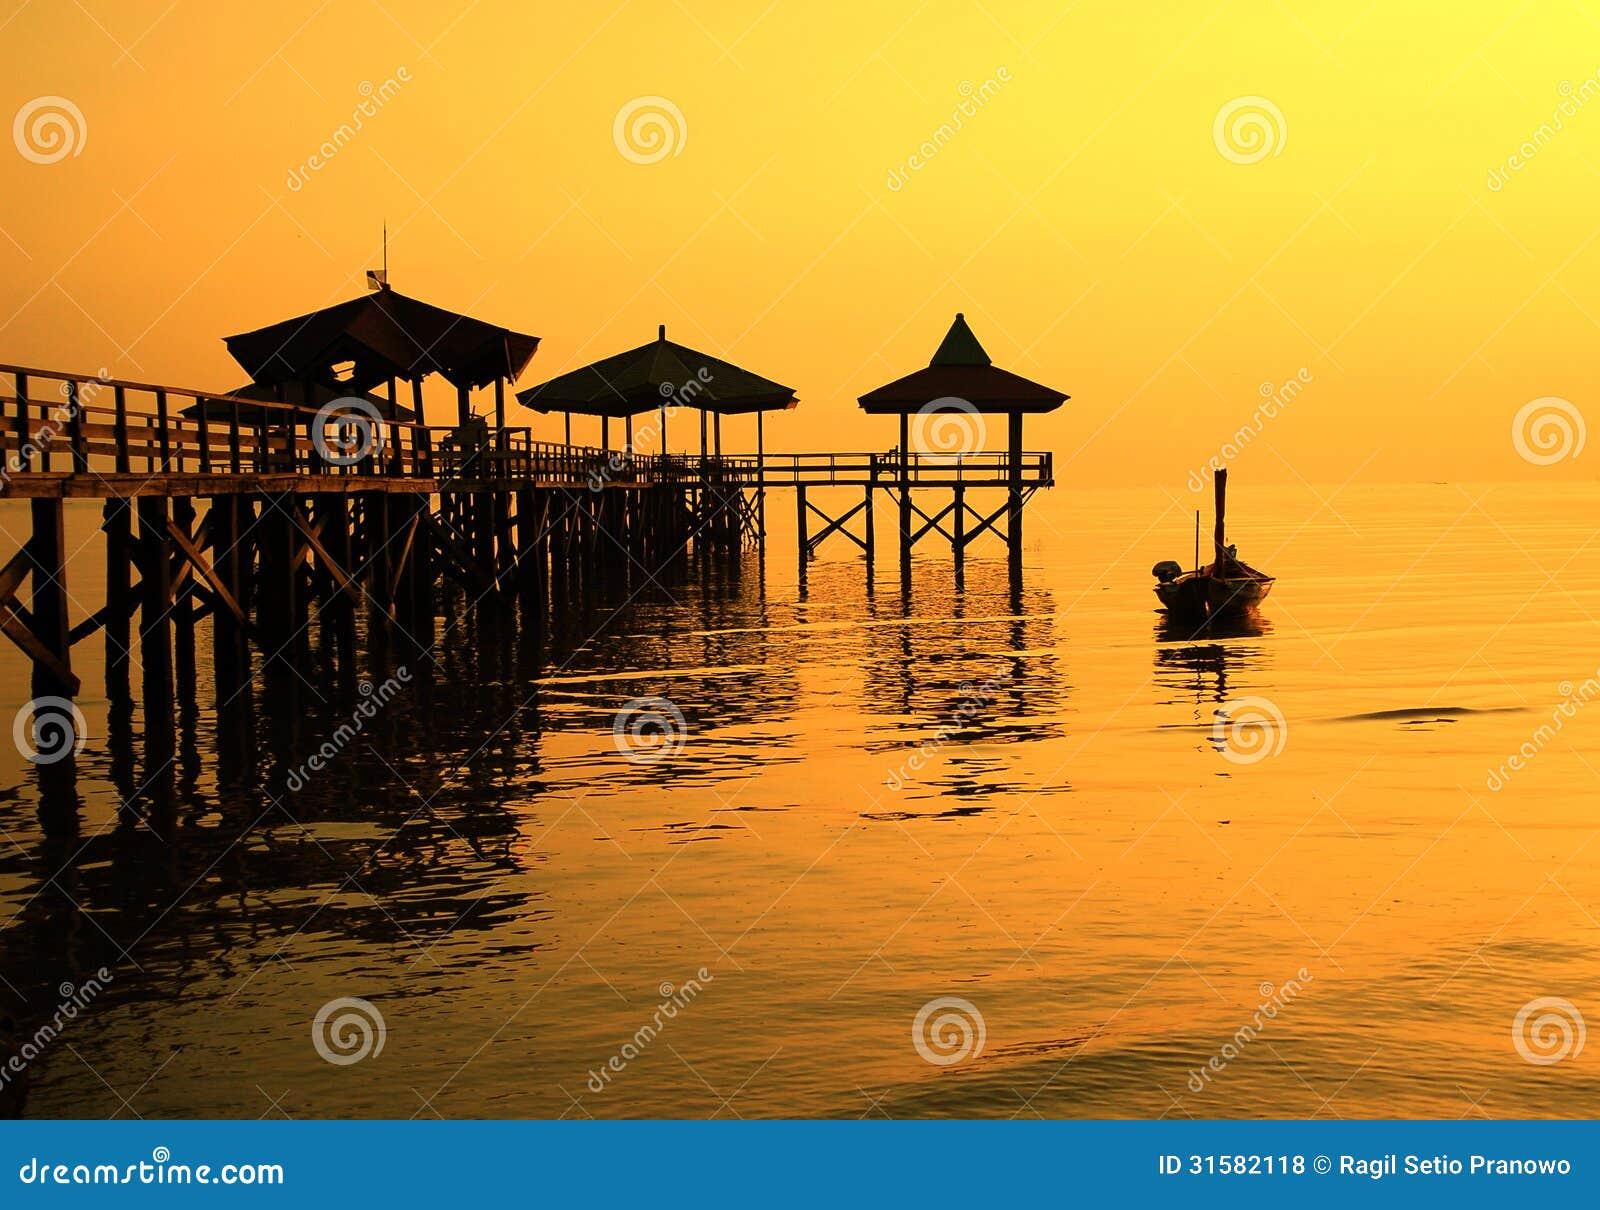 Sillhouette-Pier neben Boot auf dem Ufer